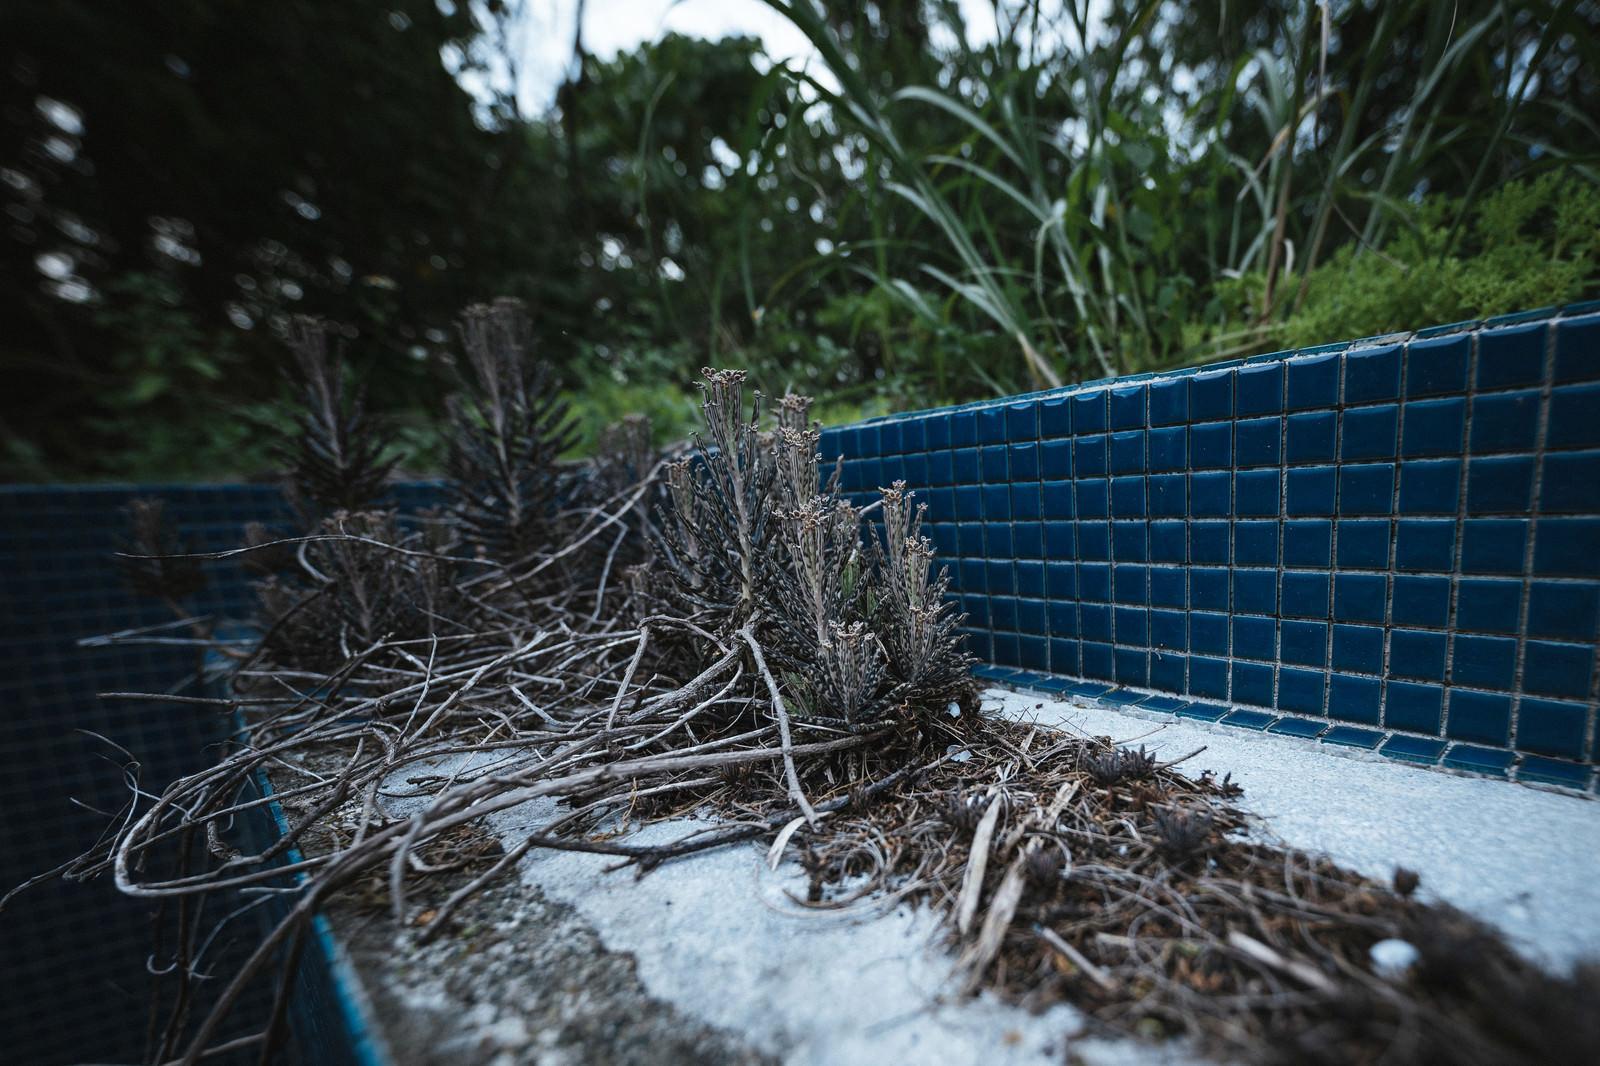 「廃墟に生える雑草」の写真